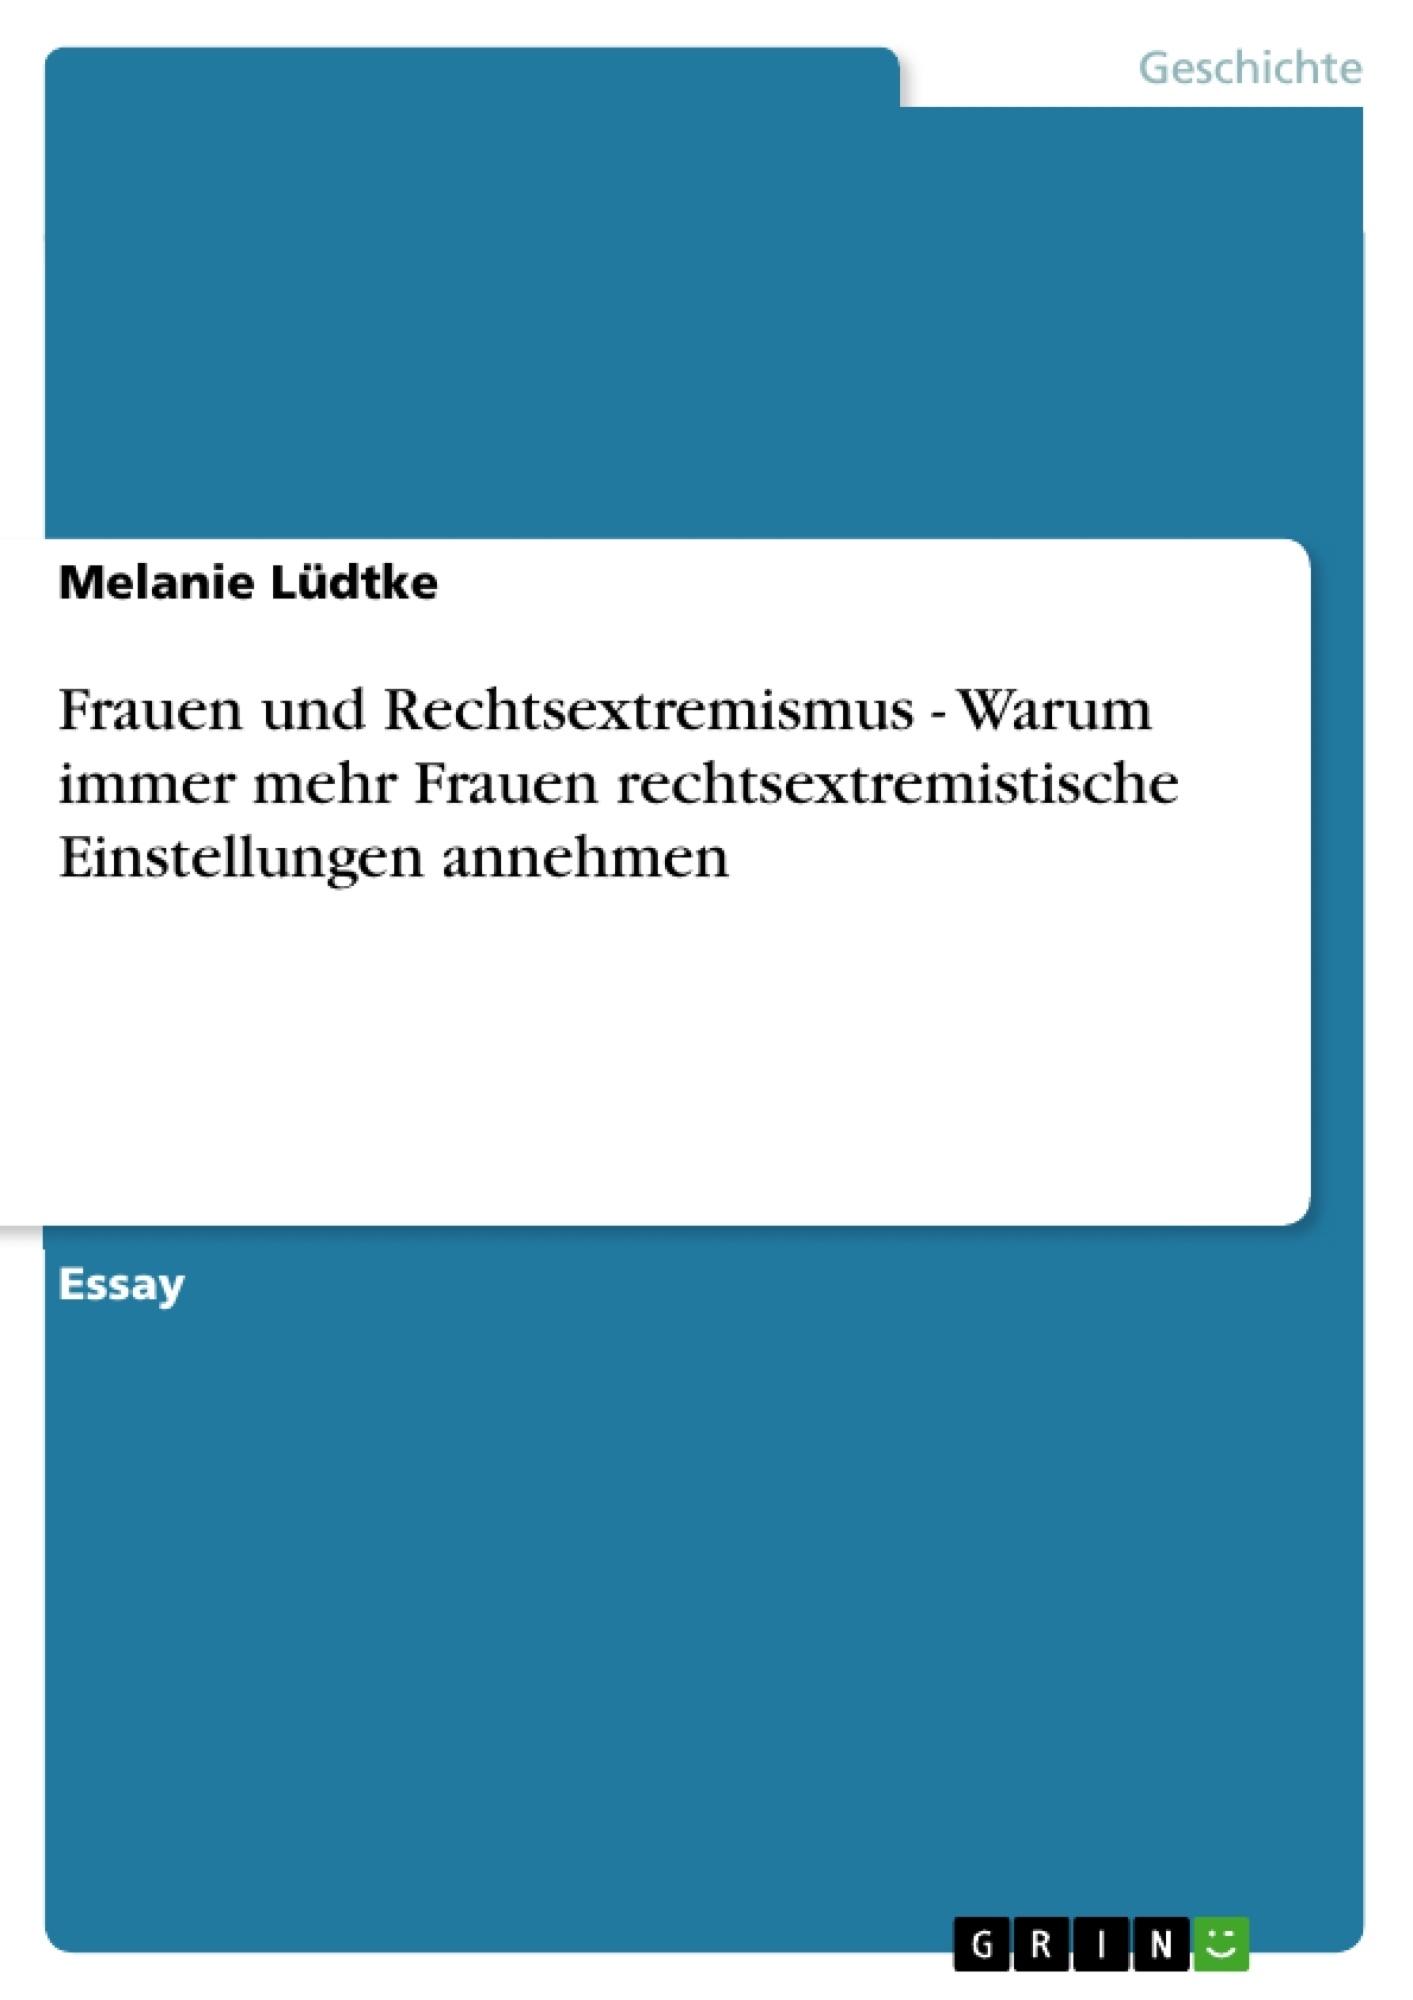 Titel: Frauen und Rechtsextremismus - Warum immer mehr Frauen rechtsextremistische Einstellungen annehmen